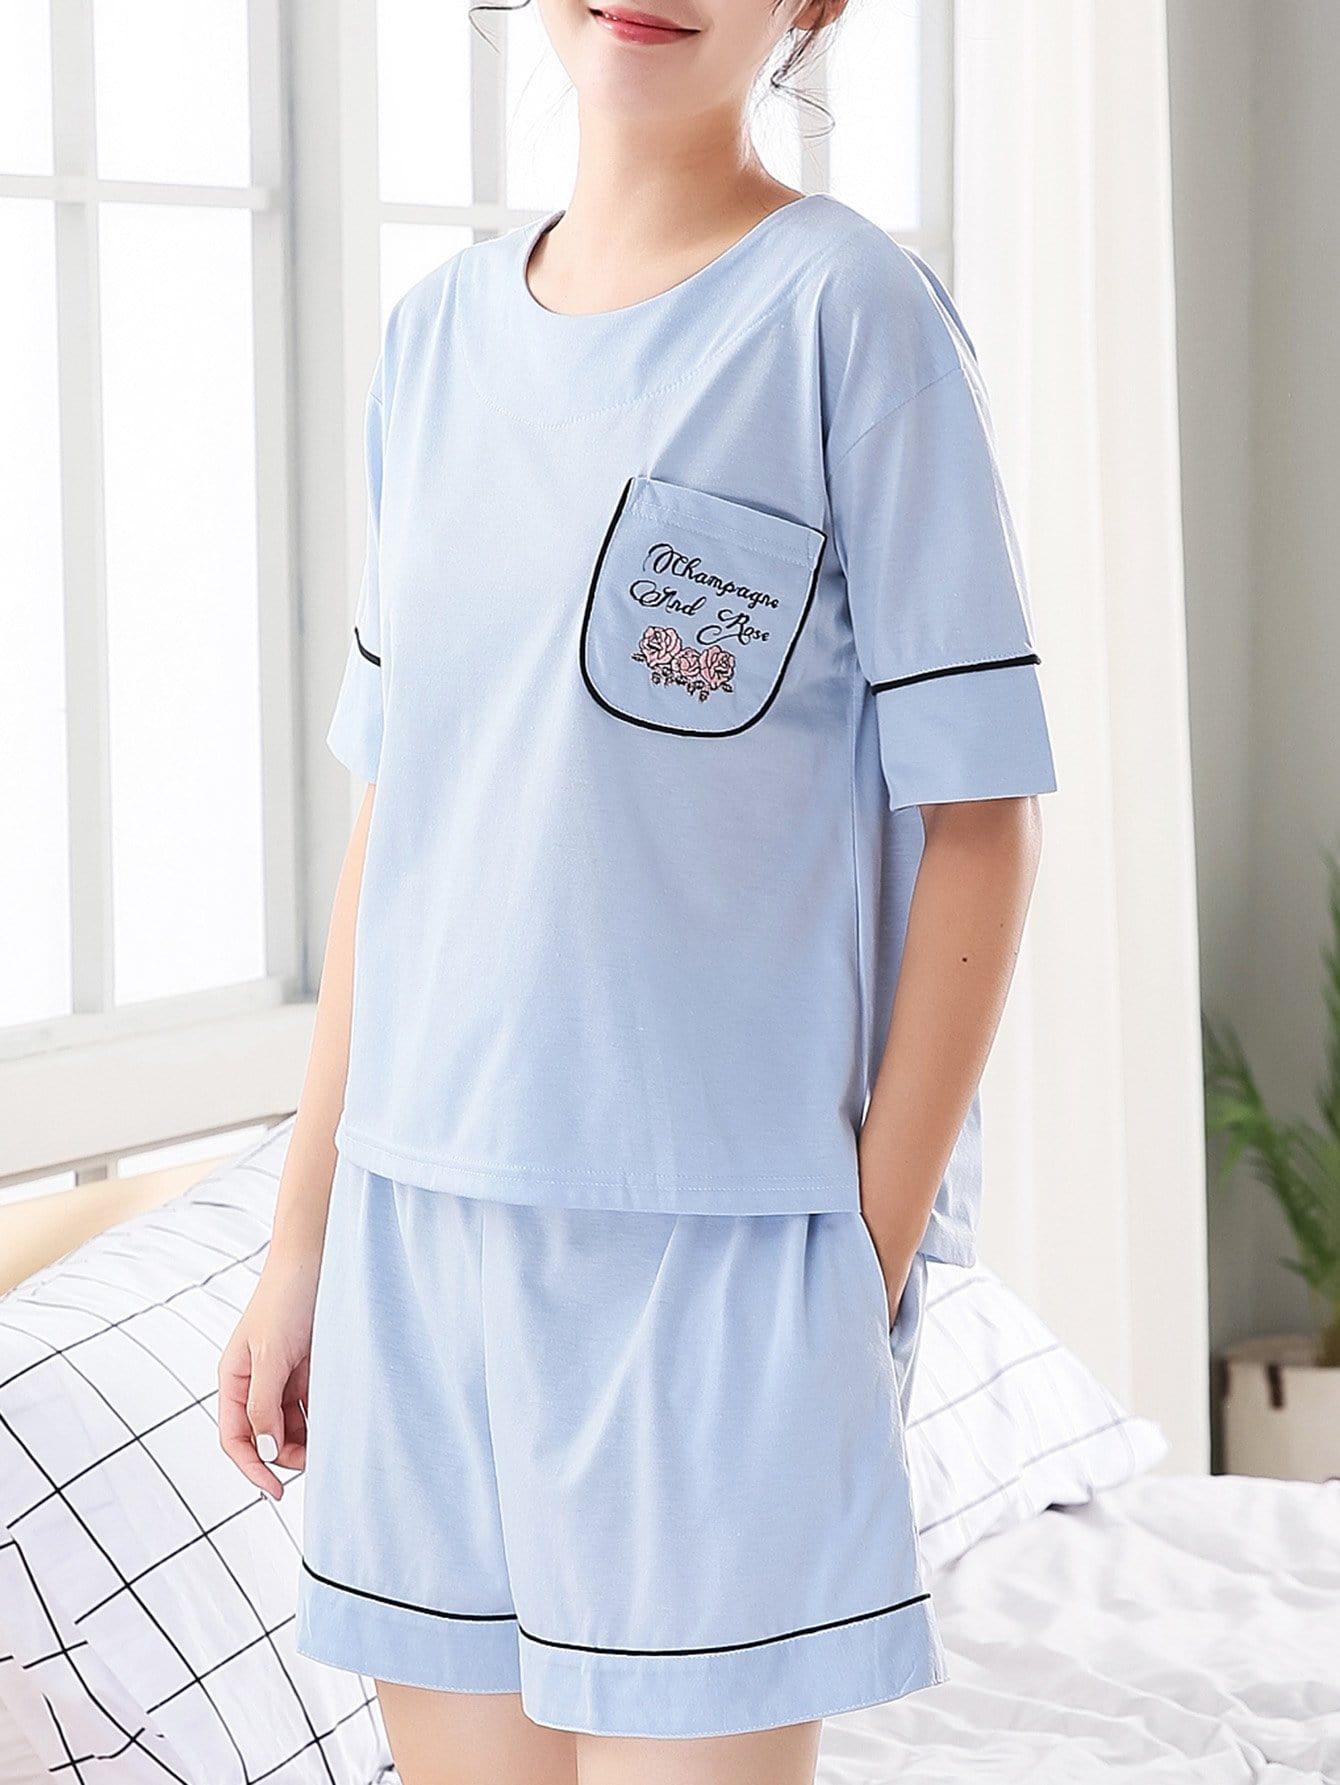 Купить Комплект пижамы в цветочек и с надписью, null, SheIn